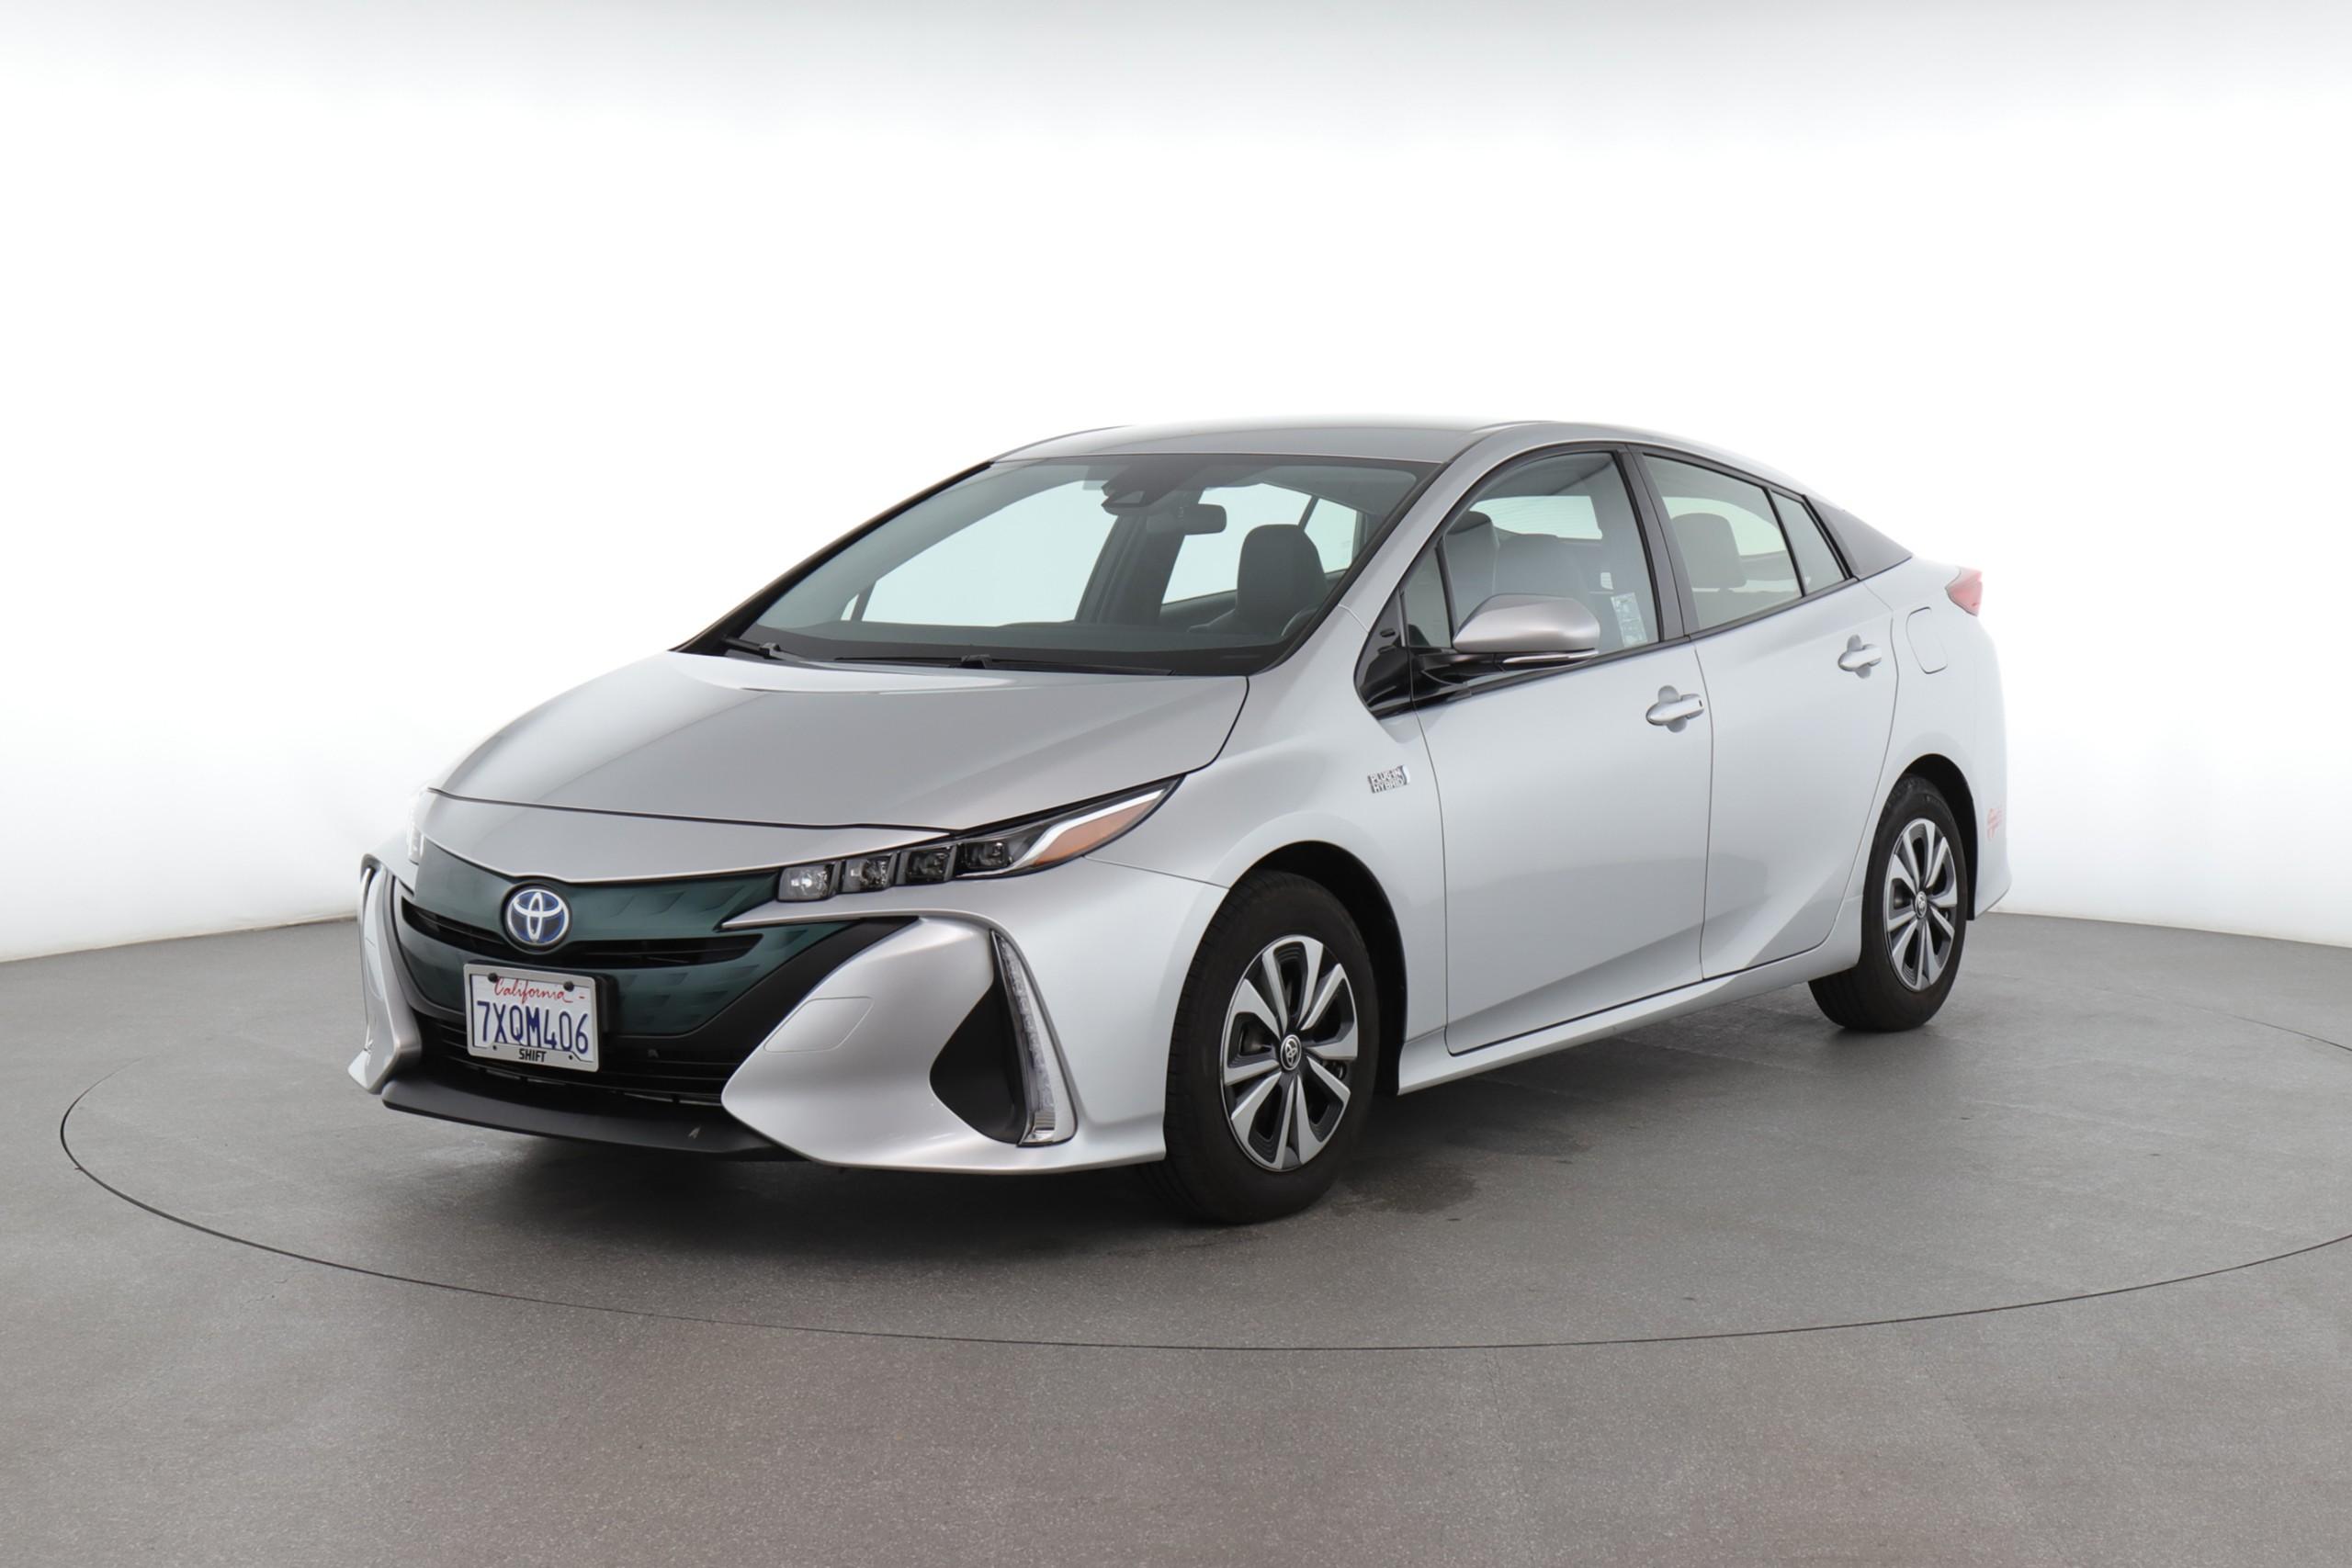 2017 Toyota Prius Prime Premium (from $23,650)